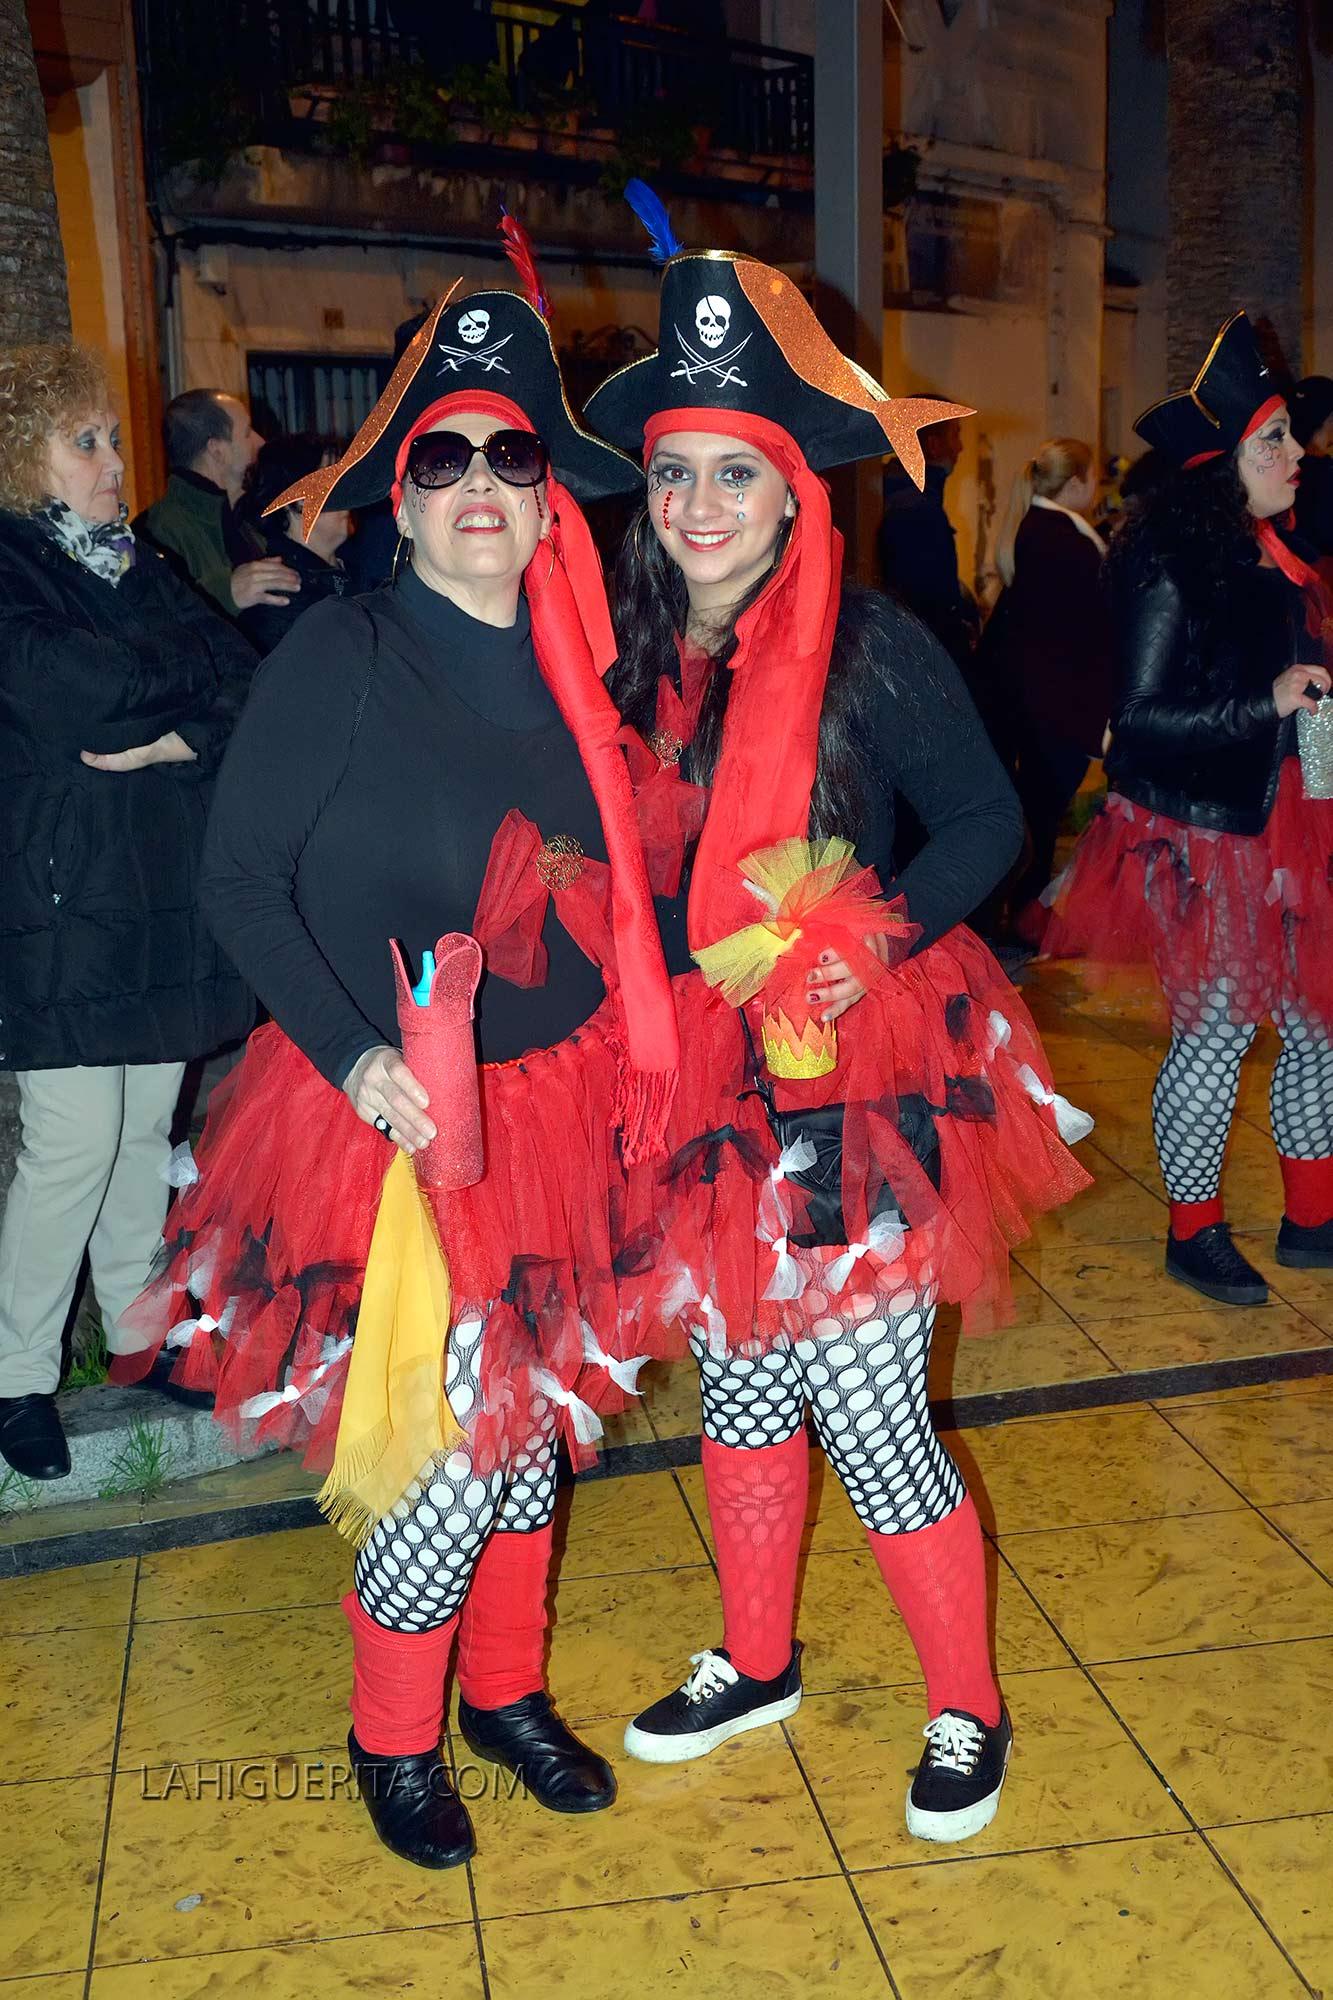 Entierro de la sardina carnaval isla cristina _DSC2258